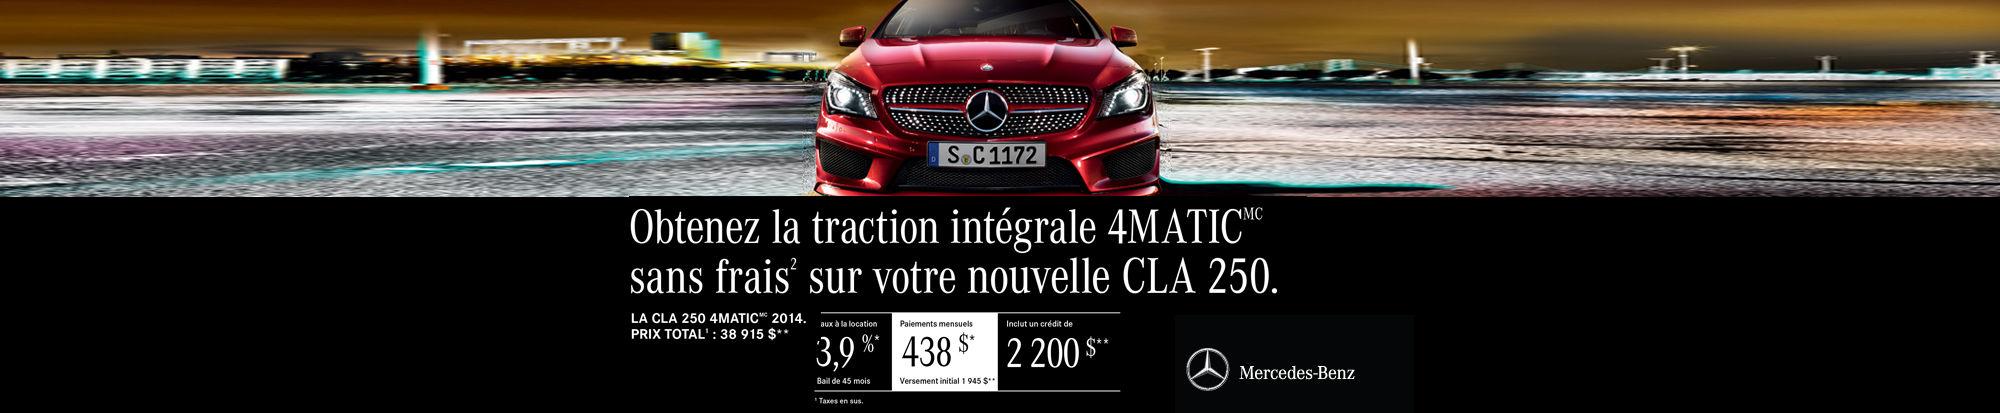 CLA 250